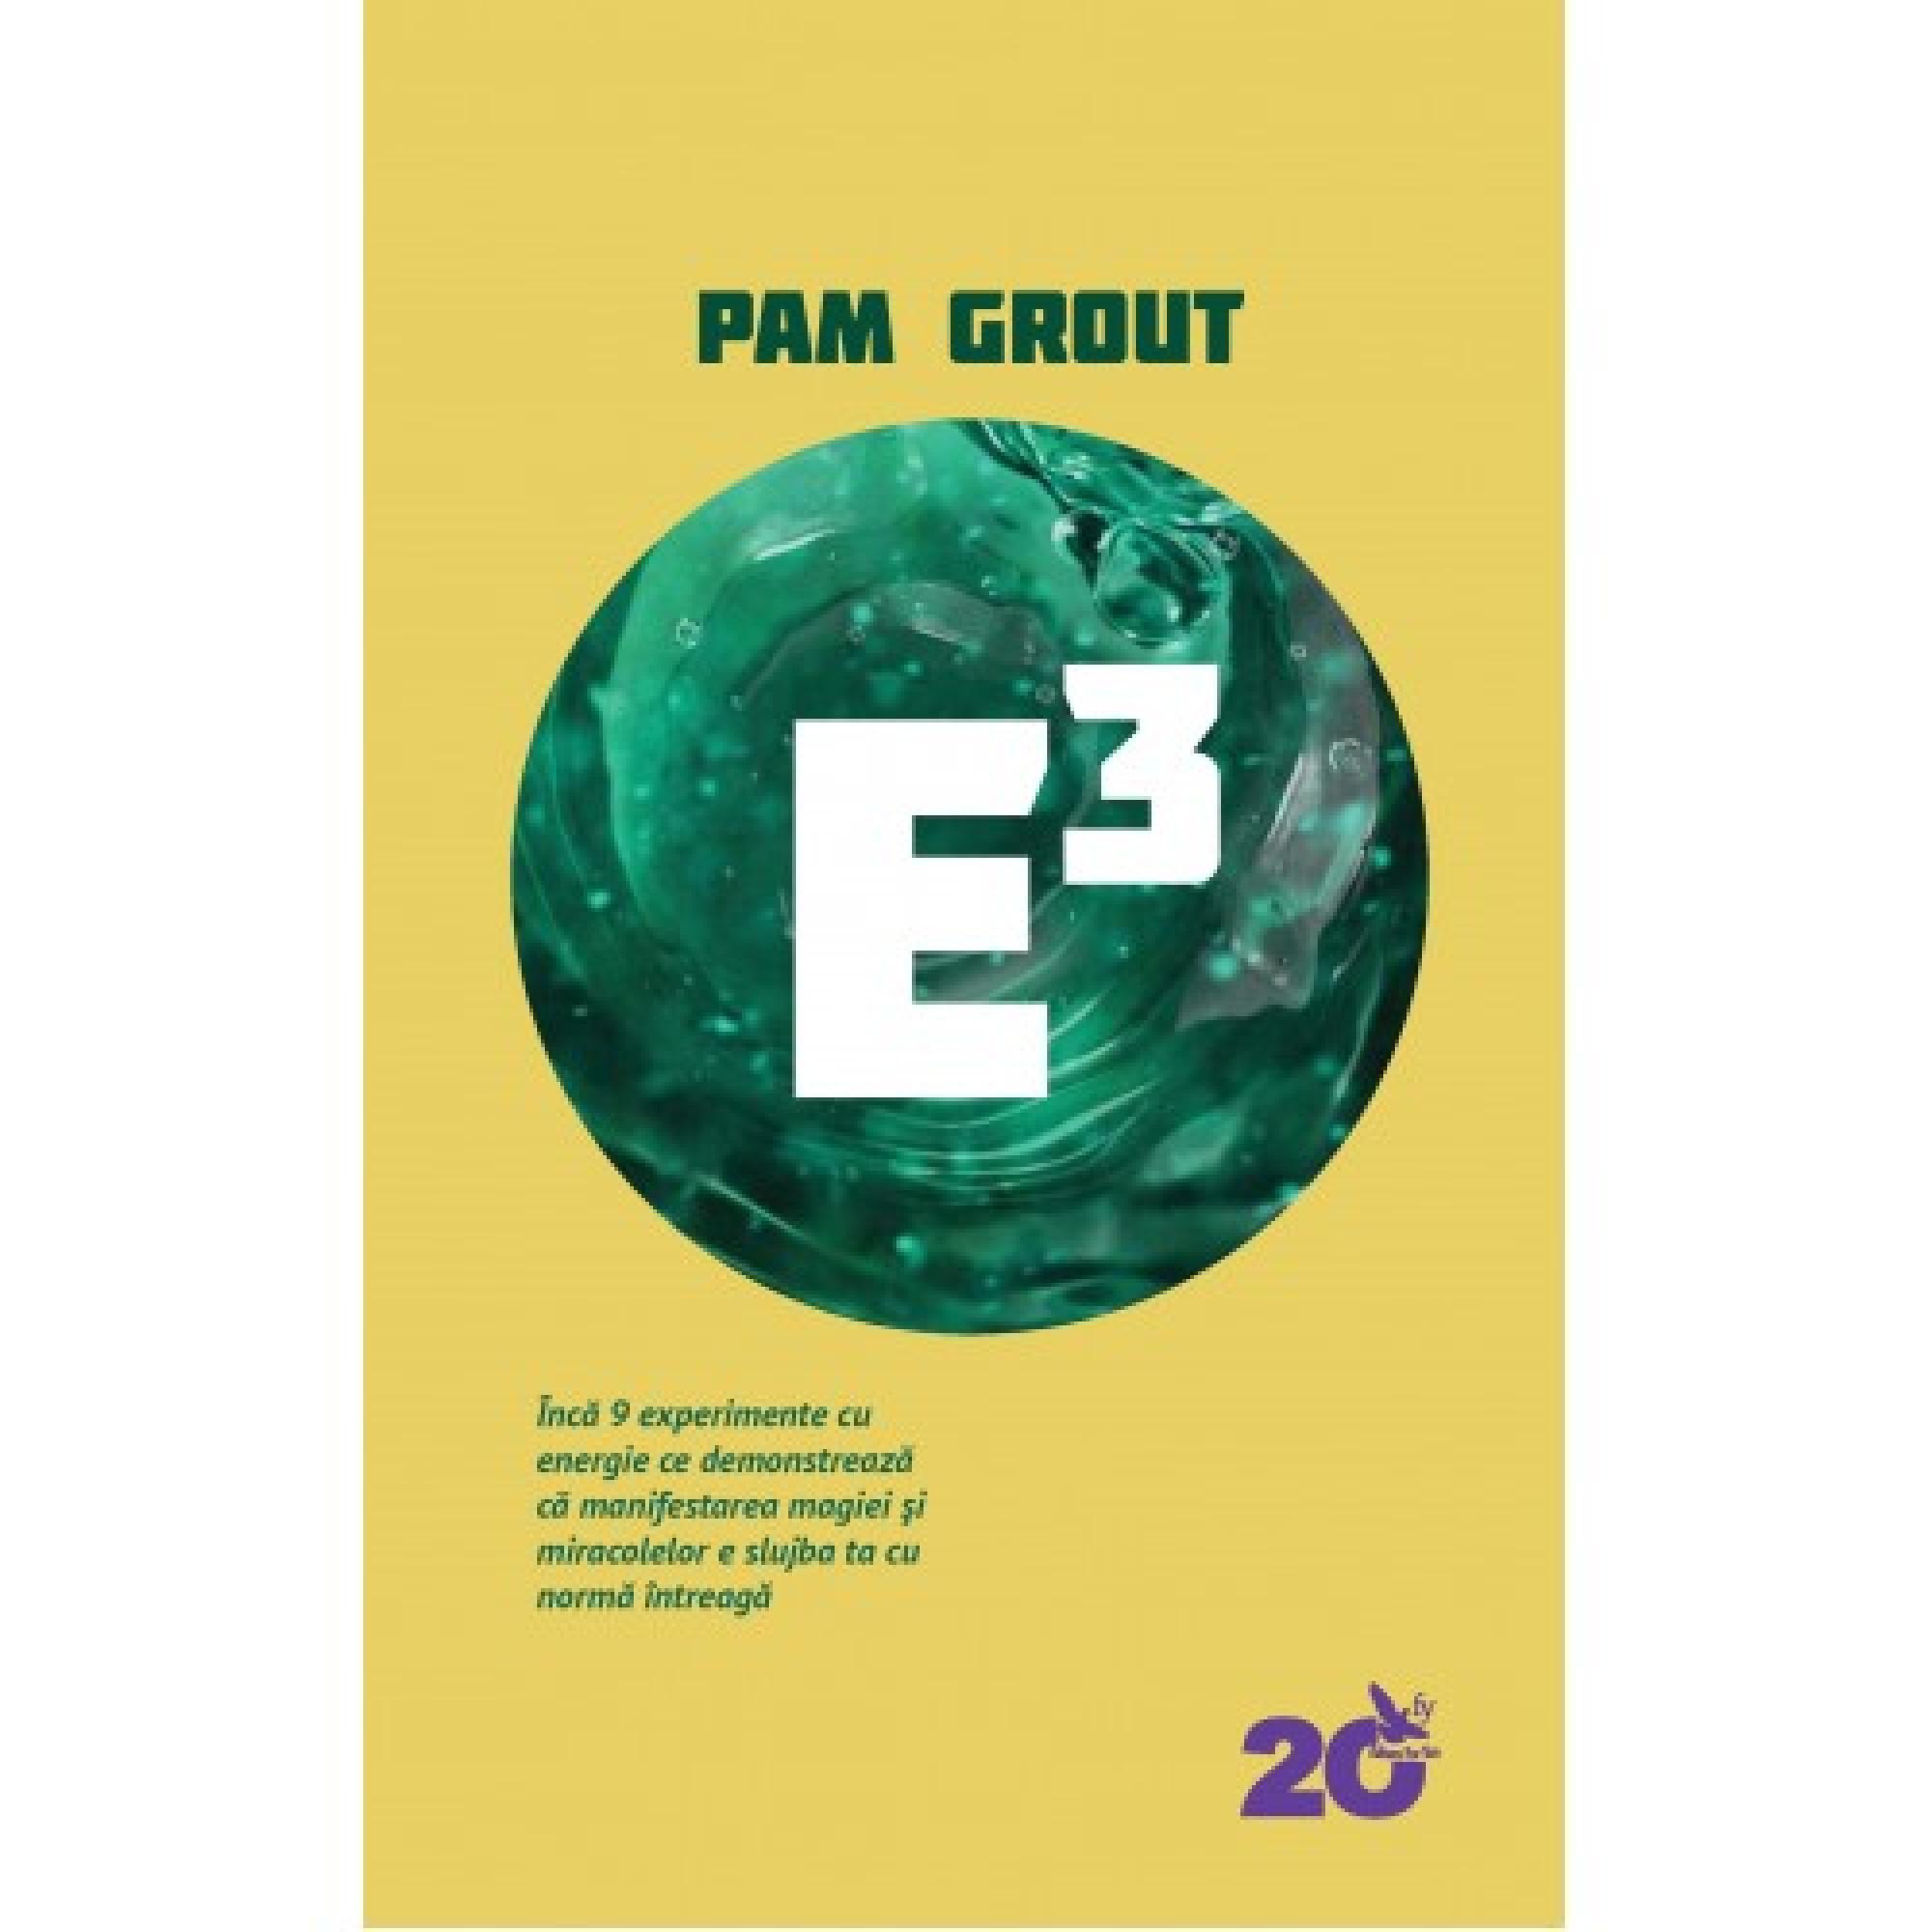 E3. Încă 9 experimente cu energie ce demonstrează că manifestarea magiei și miracolelor e slujba ta cu normă întreagă; Pam Grout